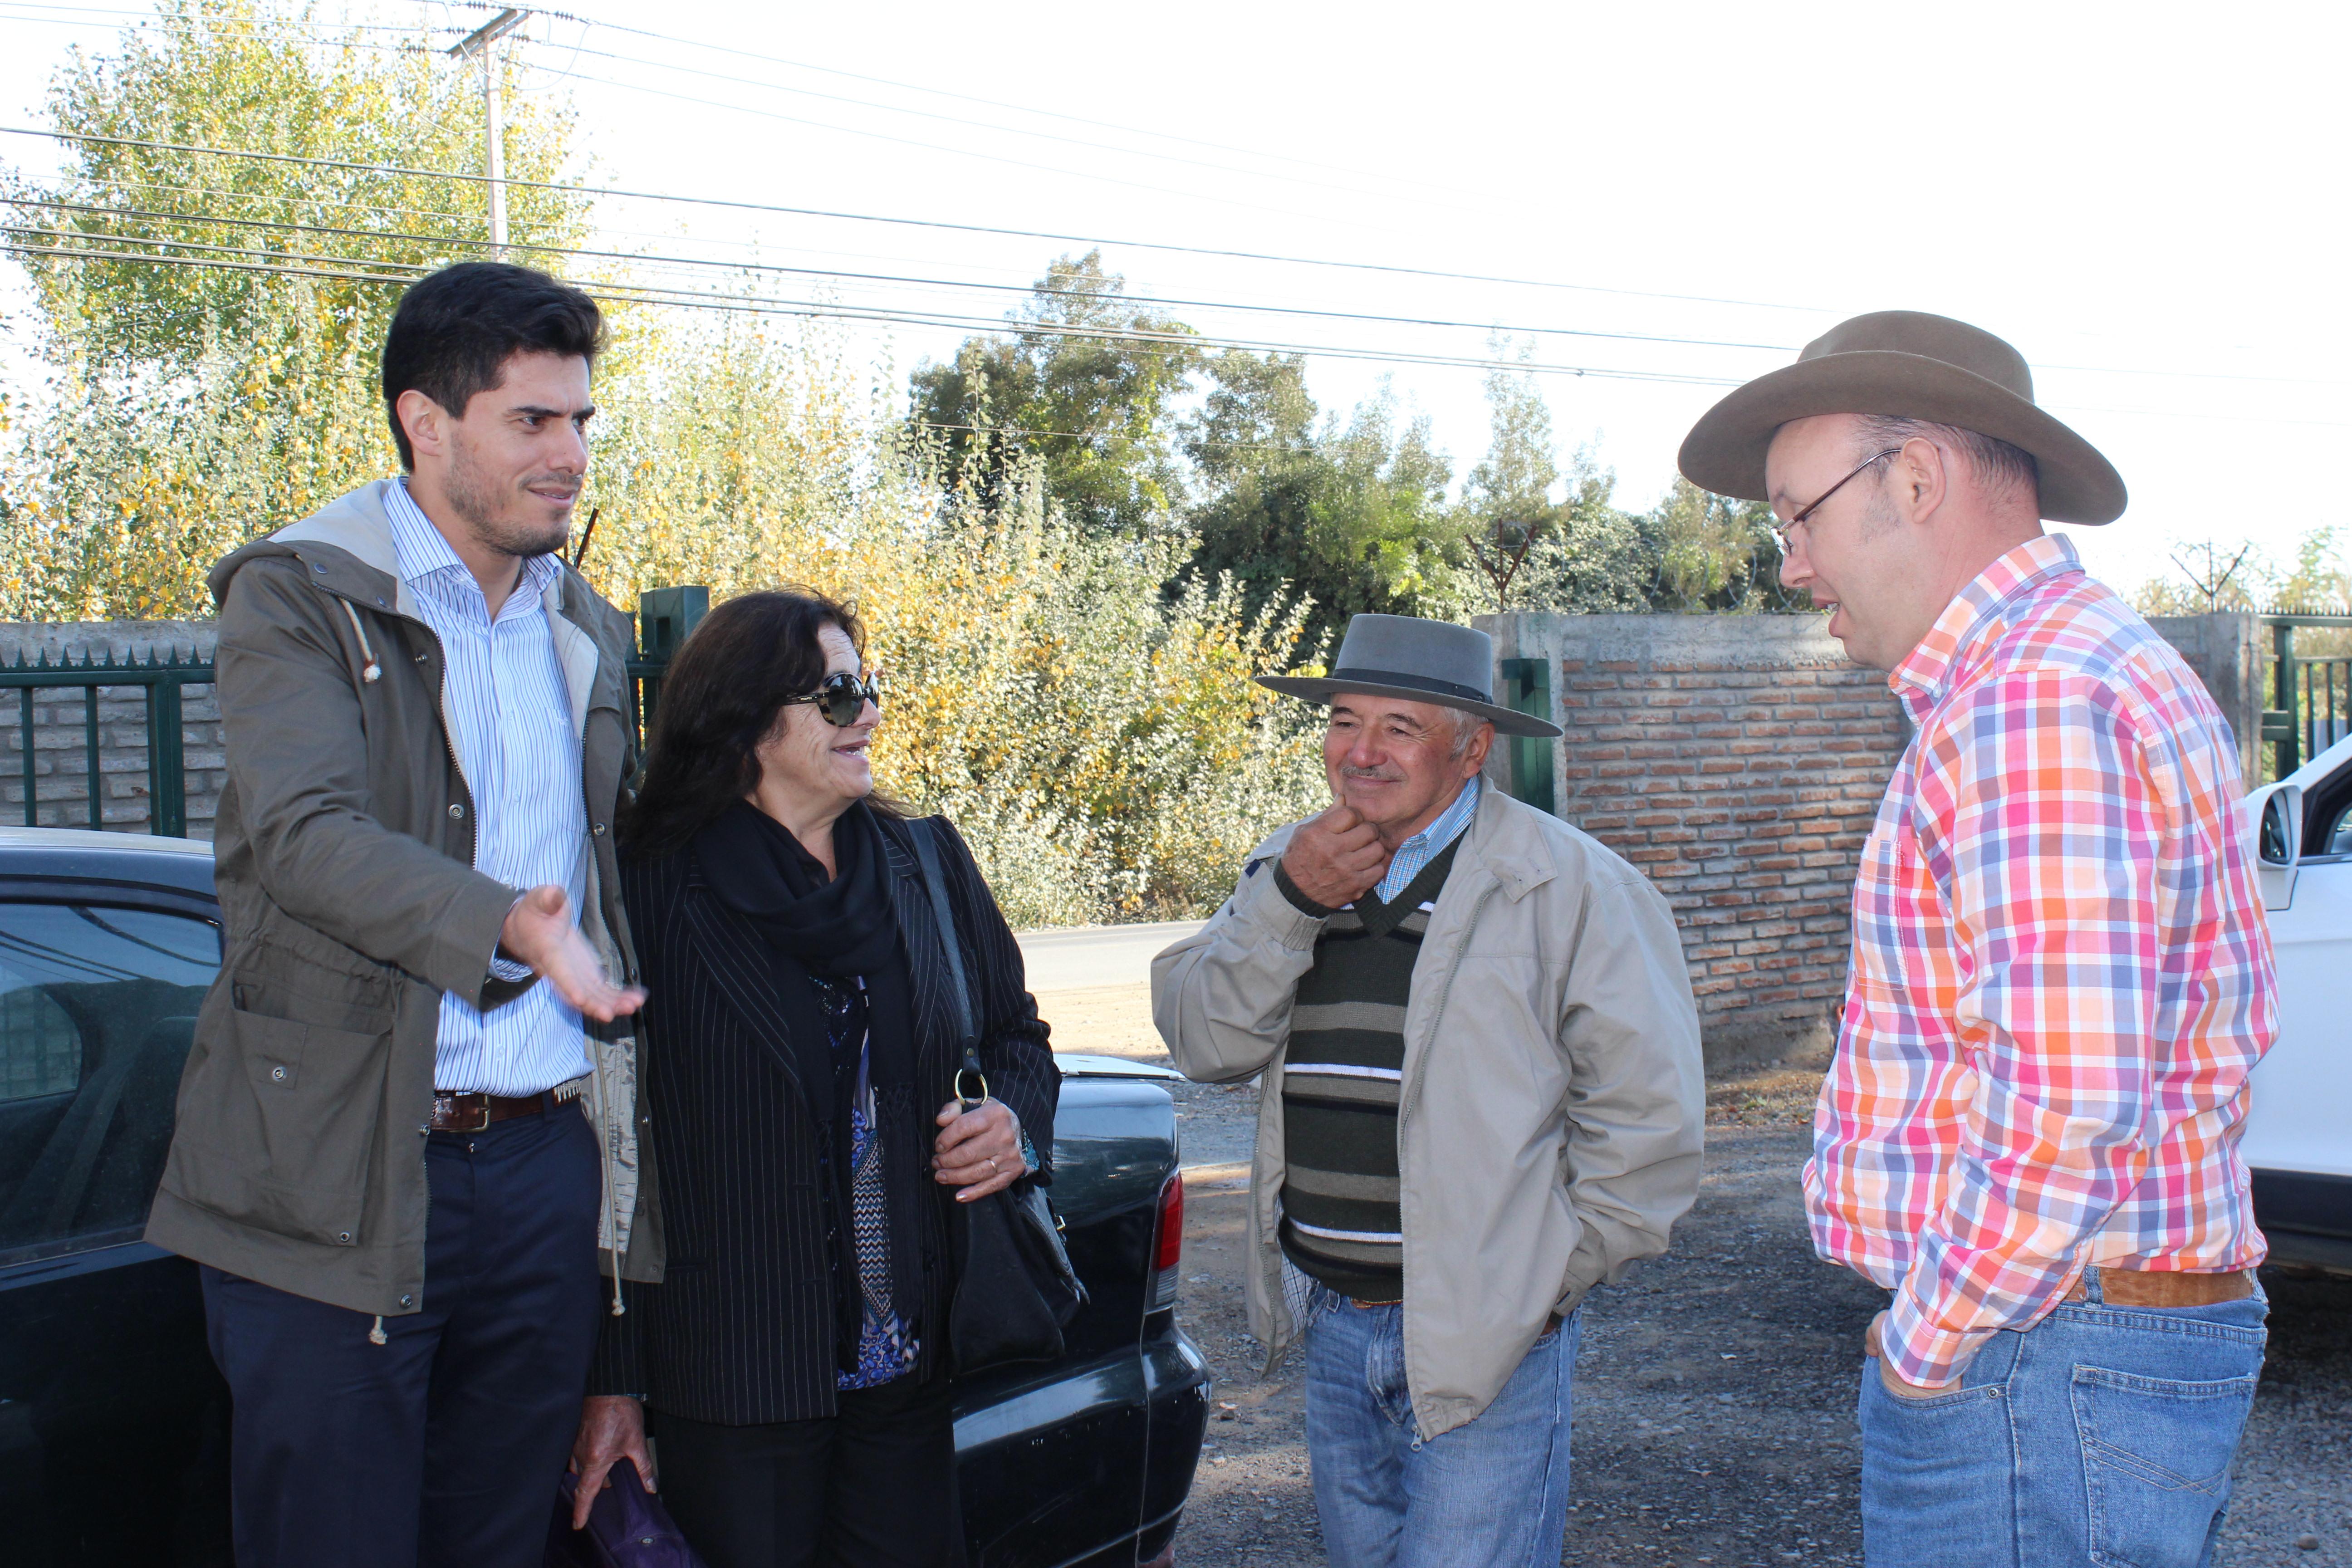 Avanzan gestiones para agua potable rural en sector de Vega de Salas en Linares